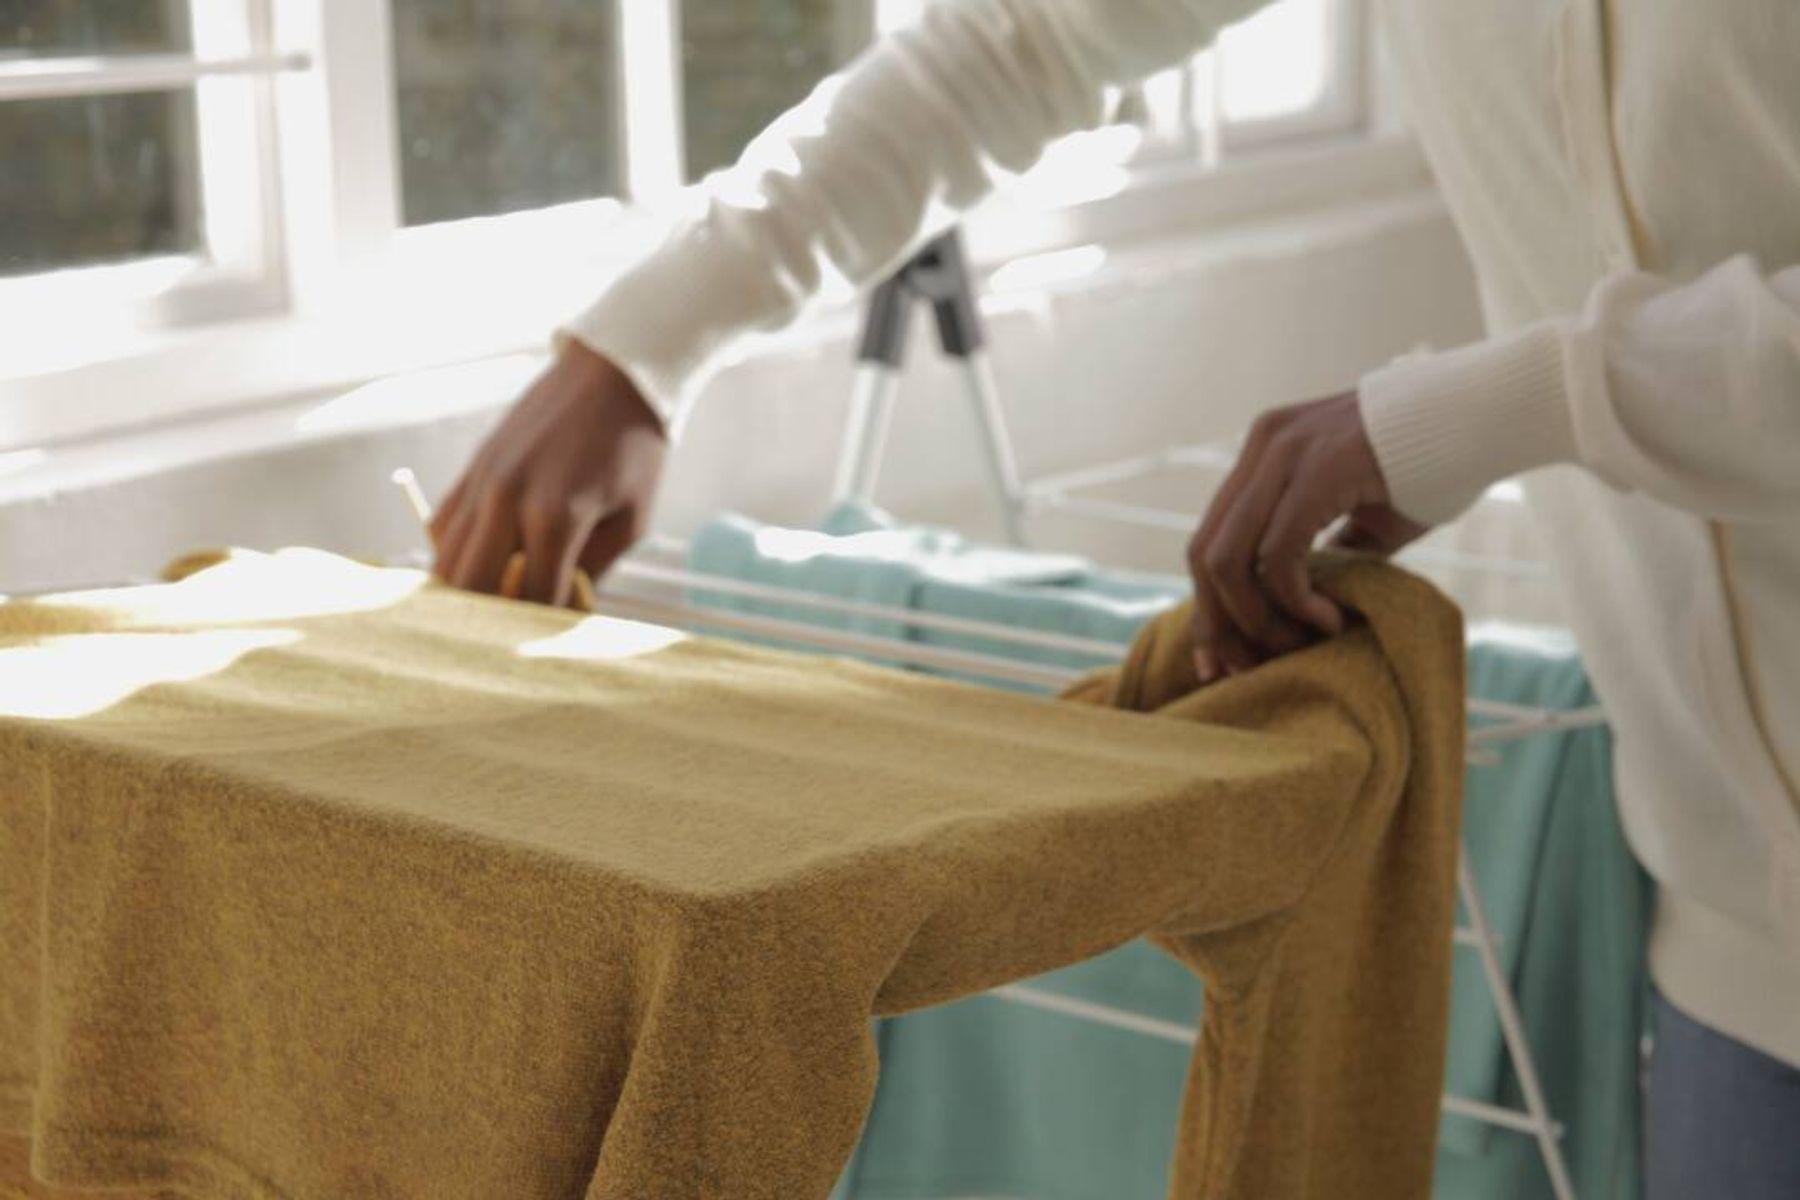 Pessoa colando roupas para secar no varal de chão para tirar o mofo da roupa